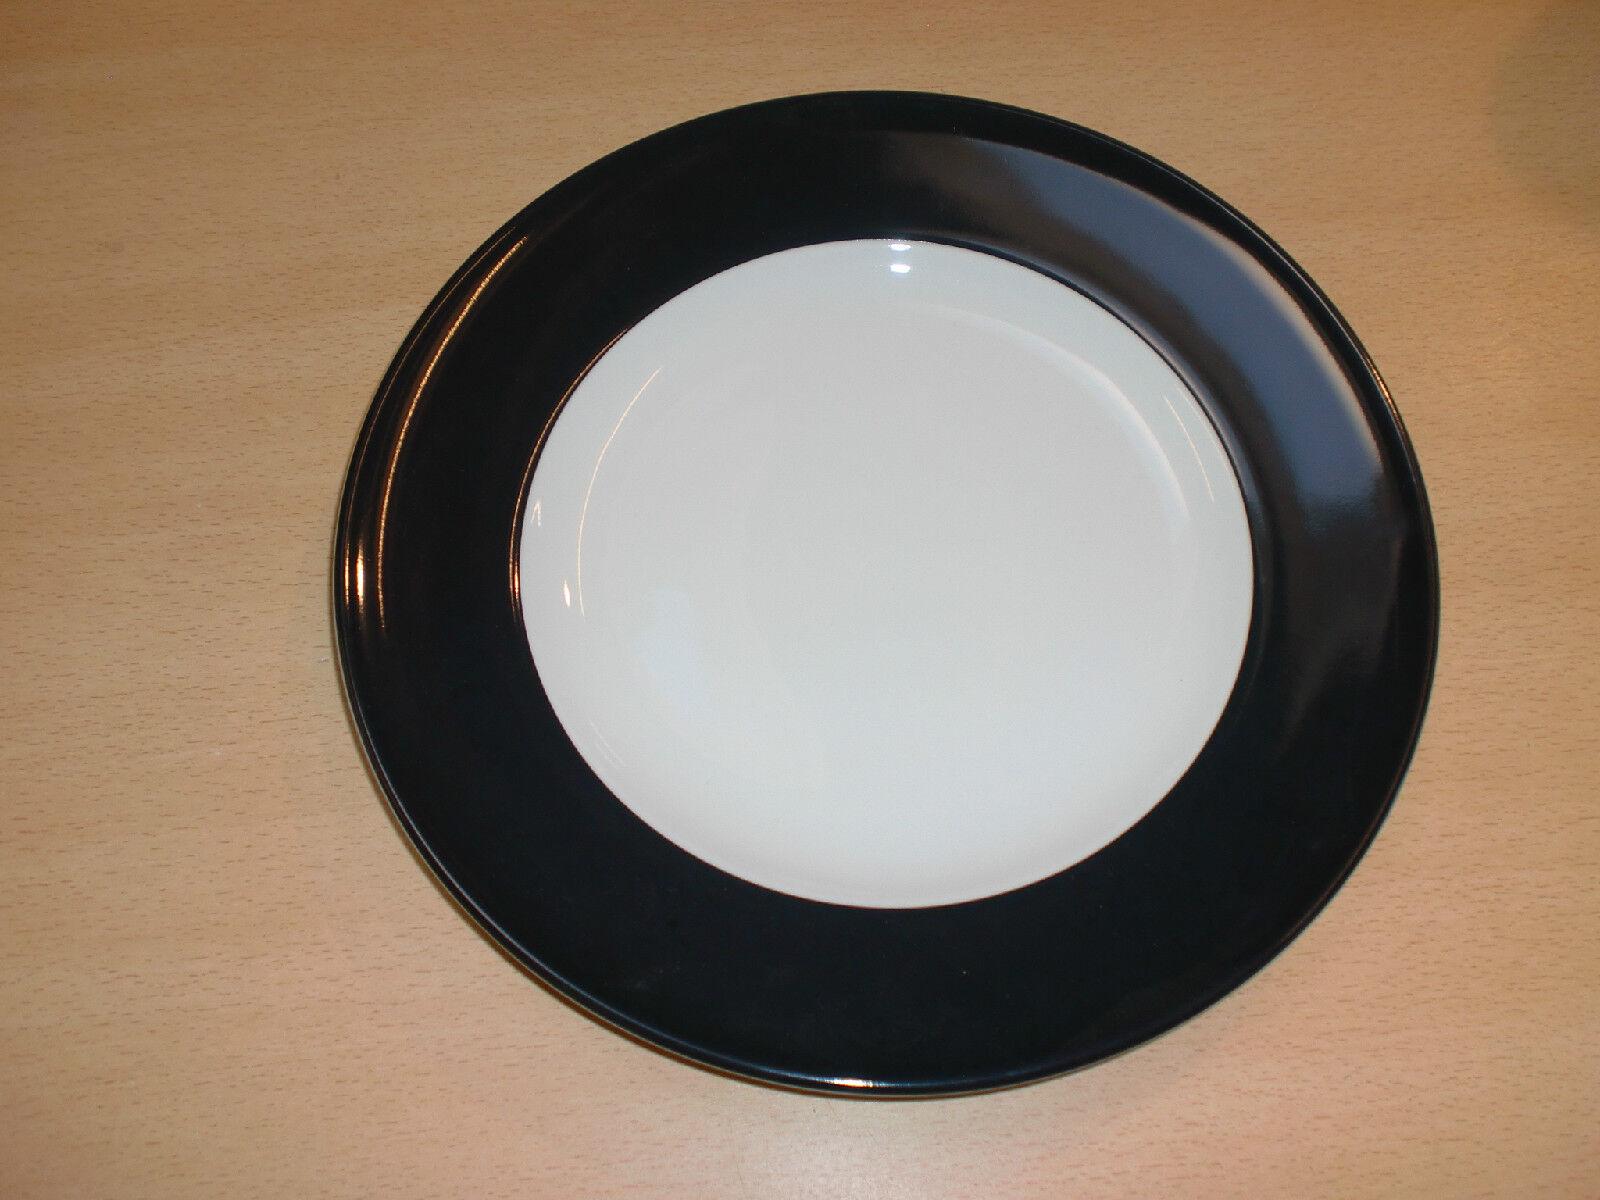 Dibbern Solid Farbe Farbe Farbe   Teller flach 26 cm marine  | Realistisch  d6a16c